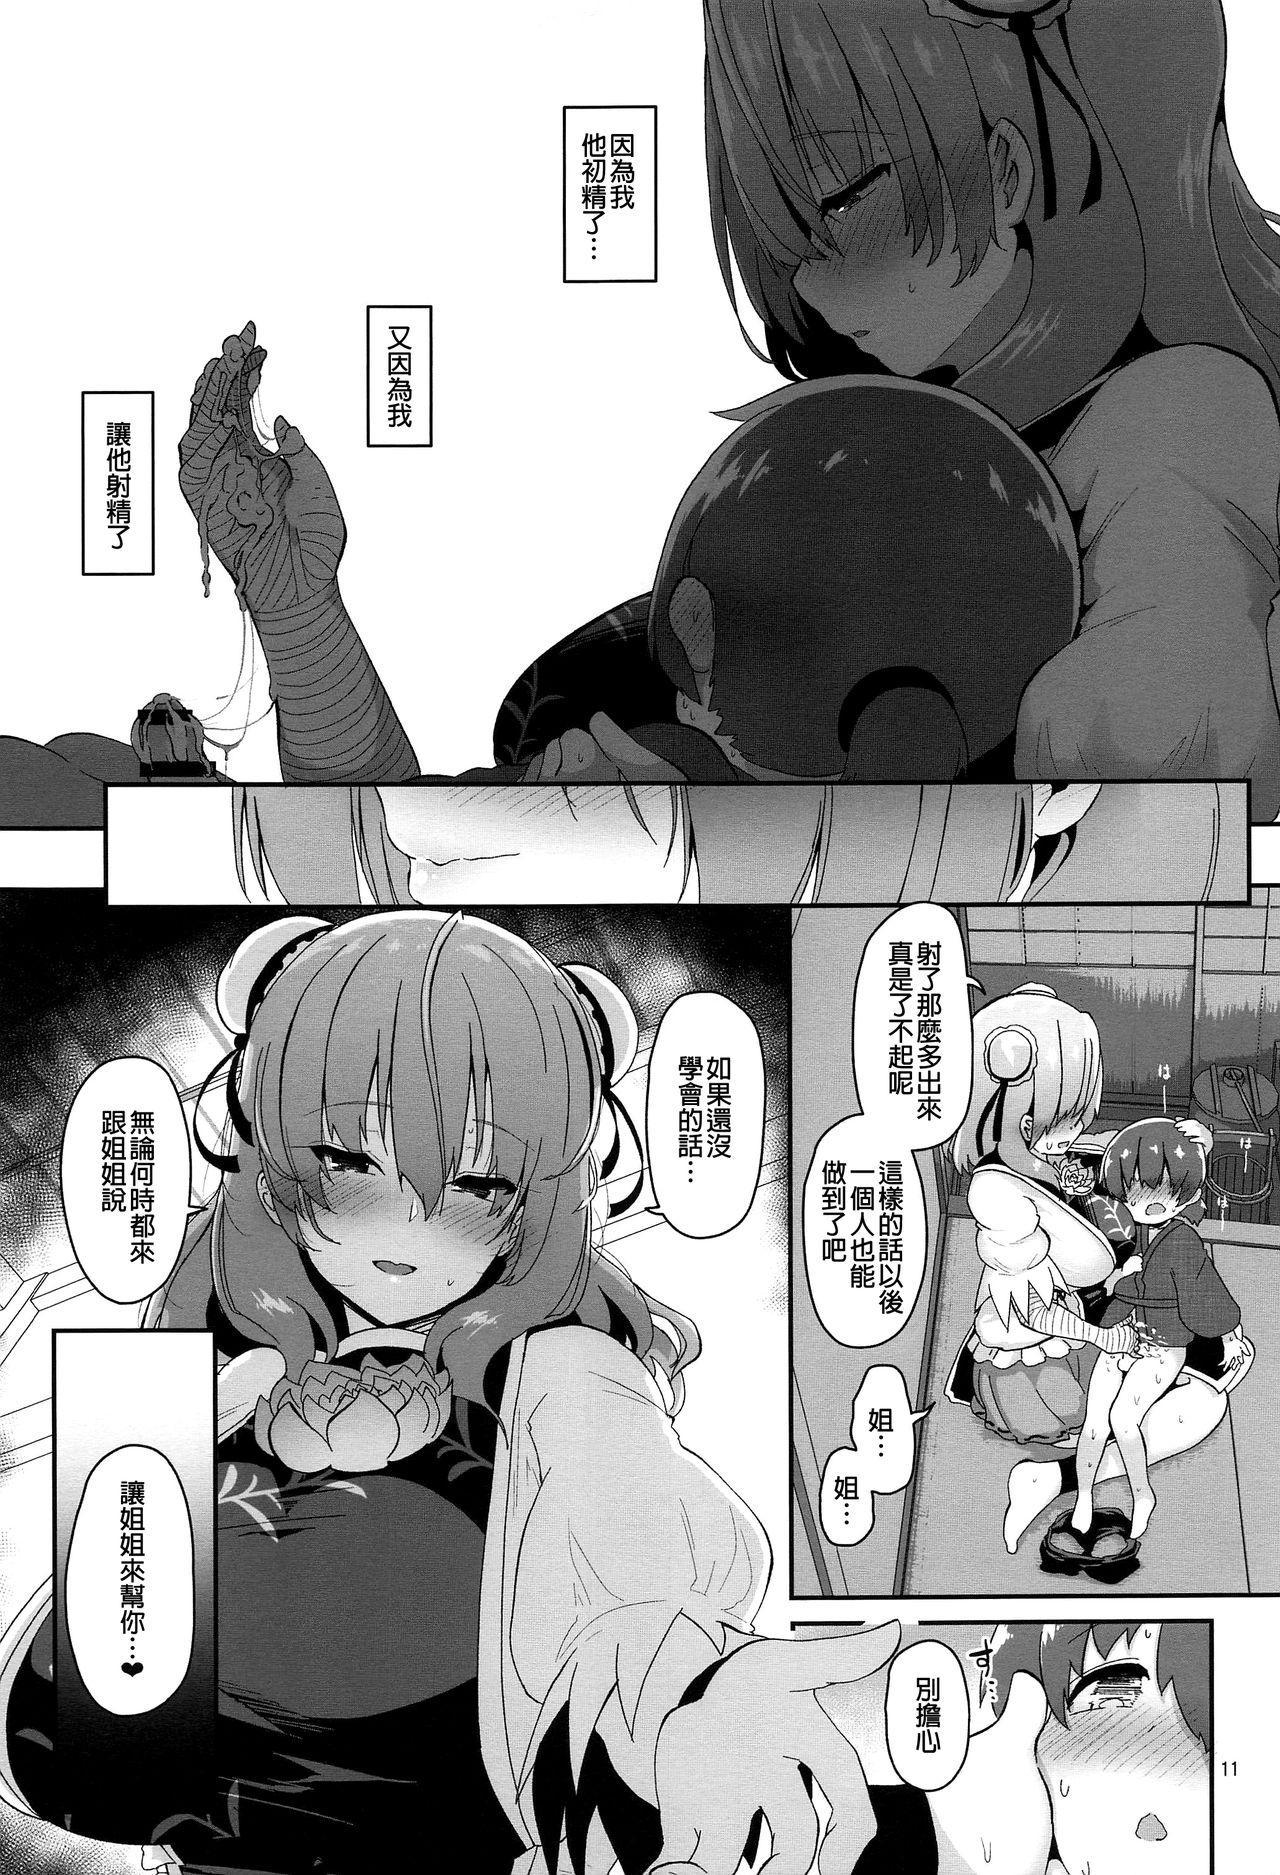 Otokonoko o Dame ni Suru Onee-san 12